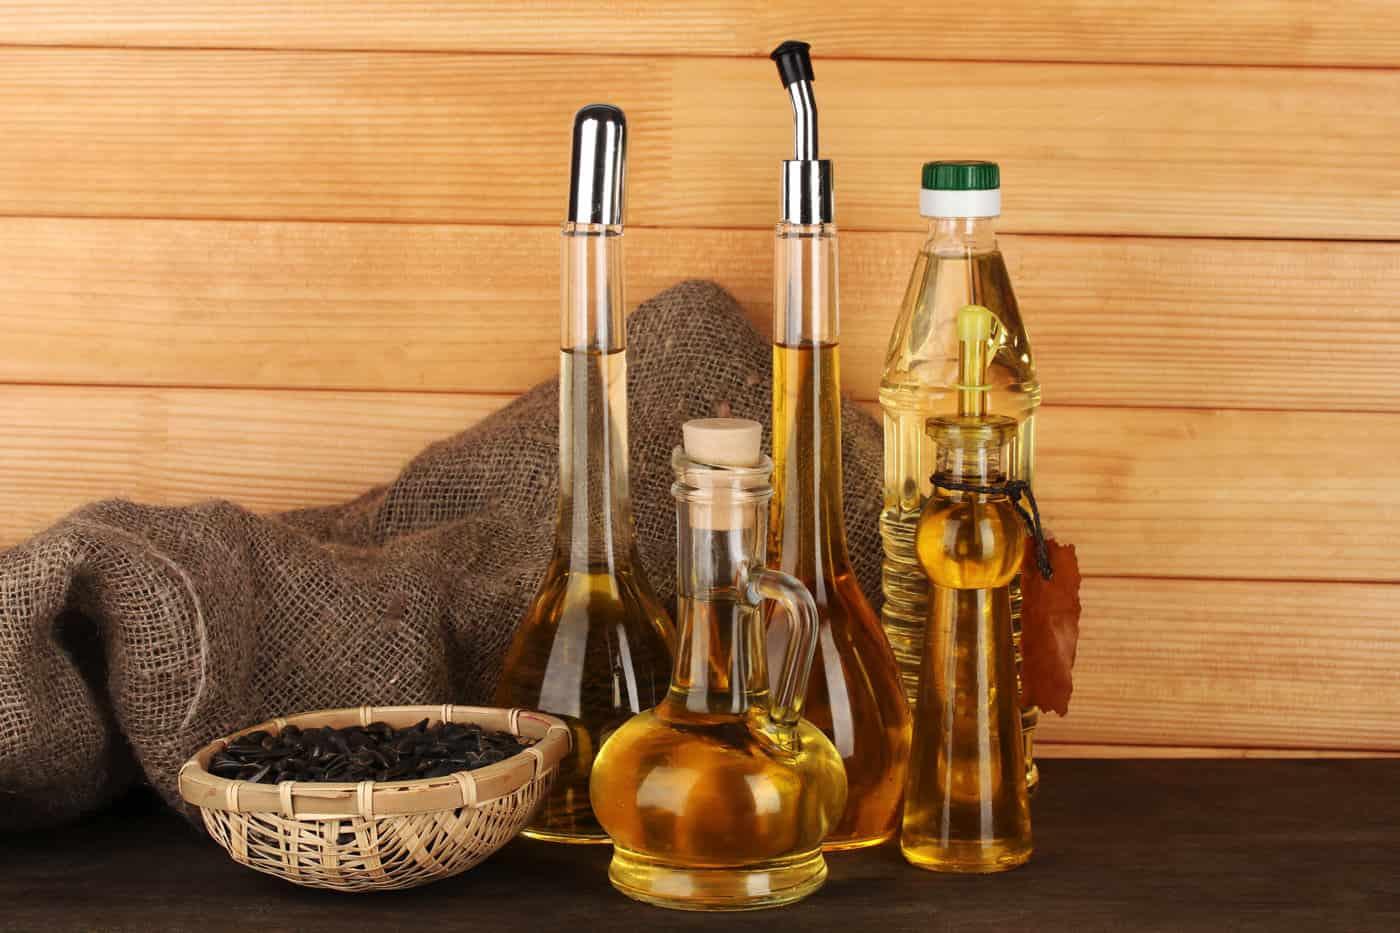 Wichtige Informationen zum Thema Speiseöle